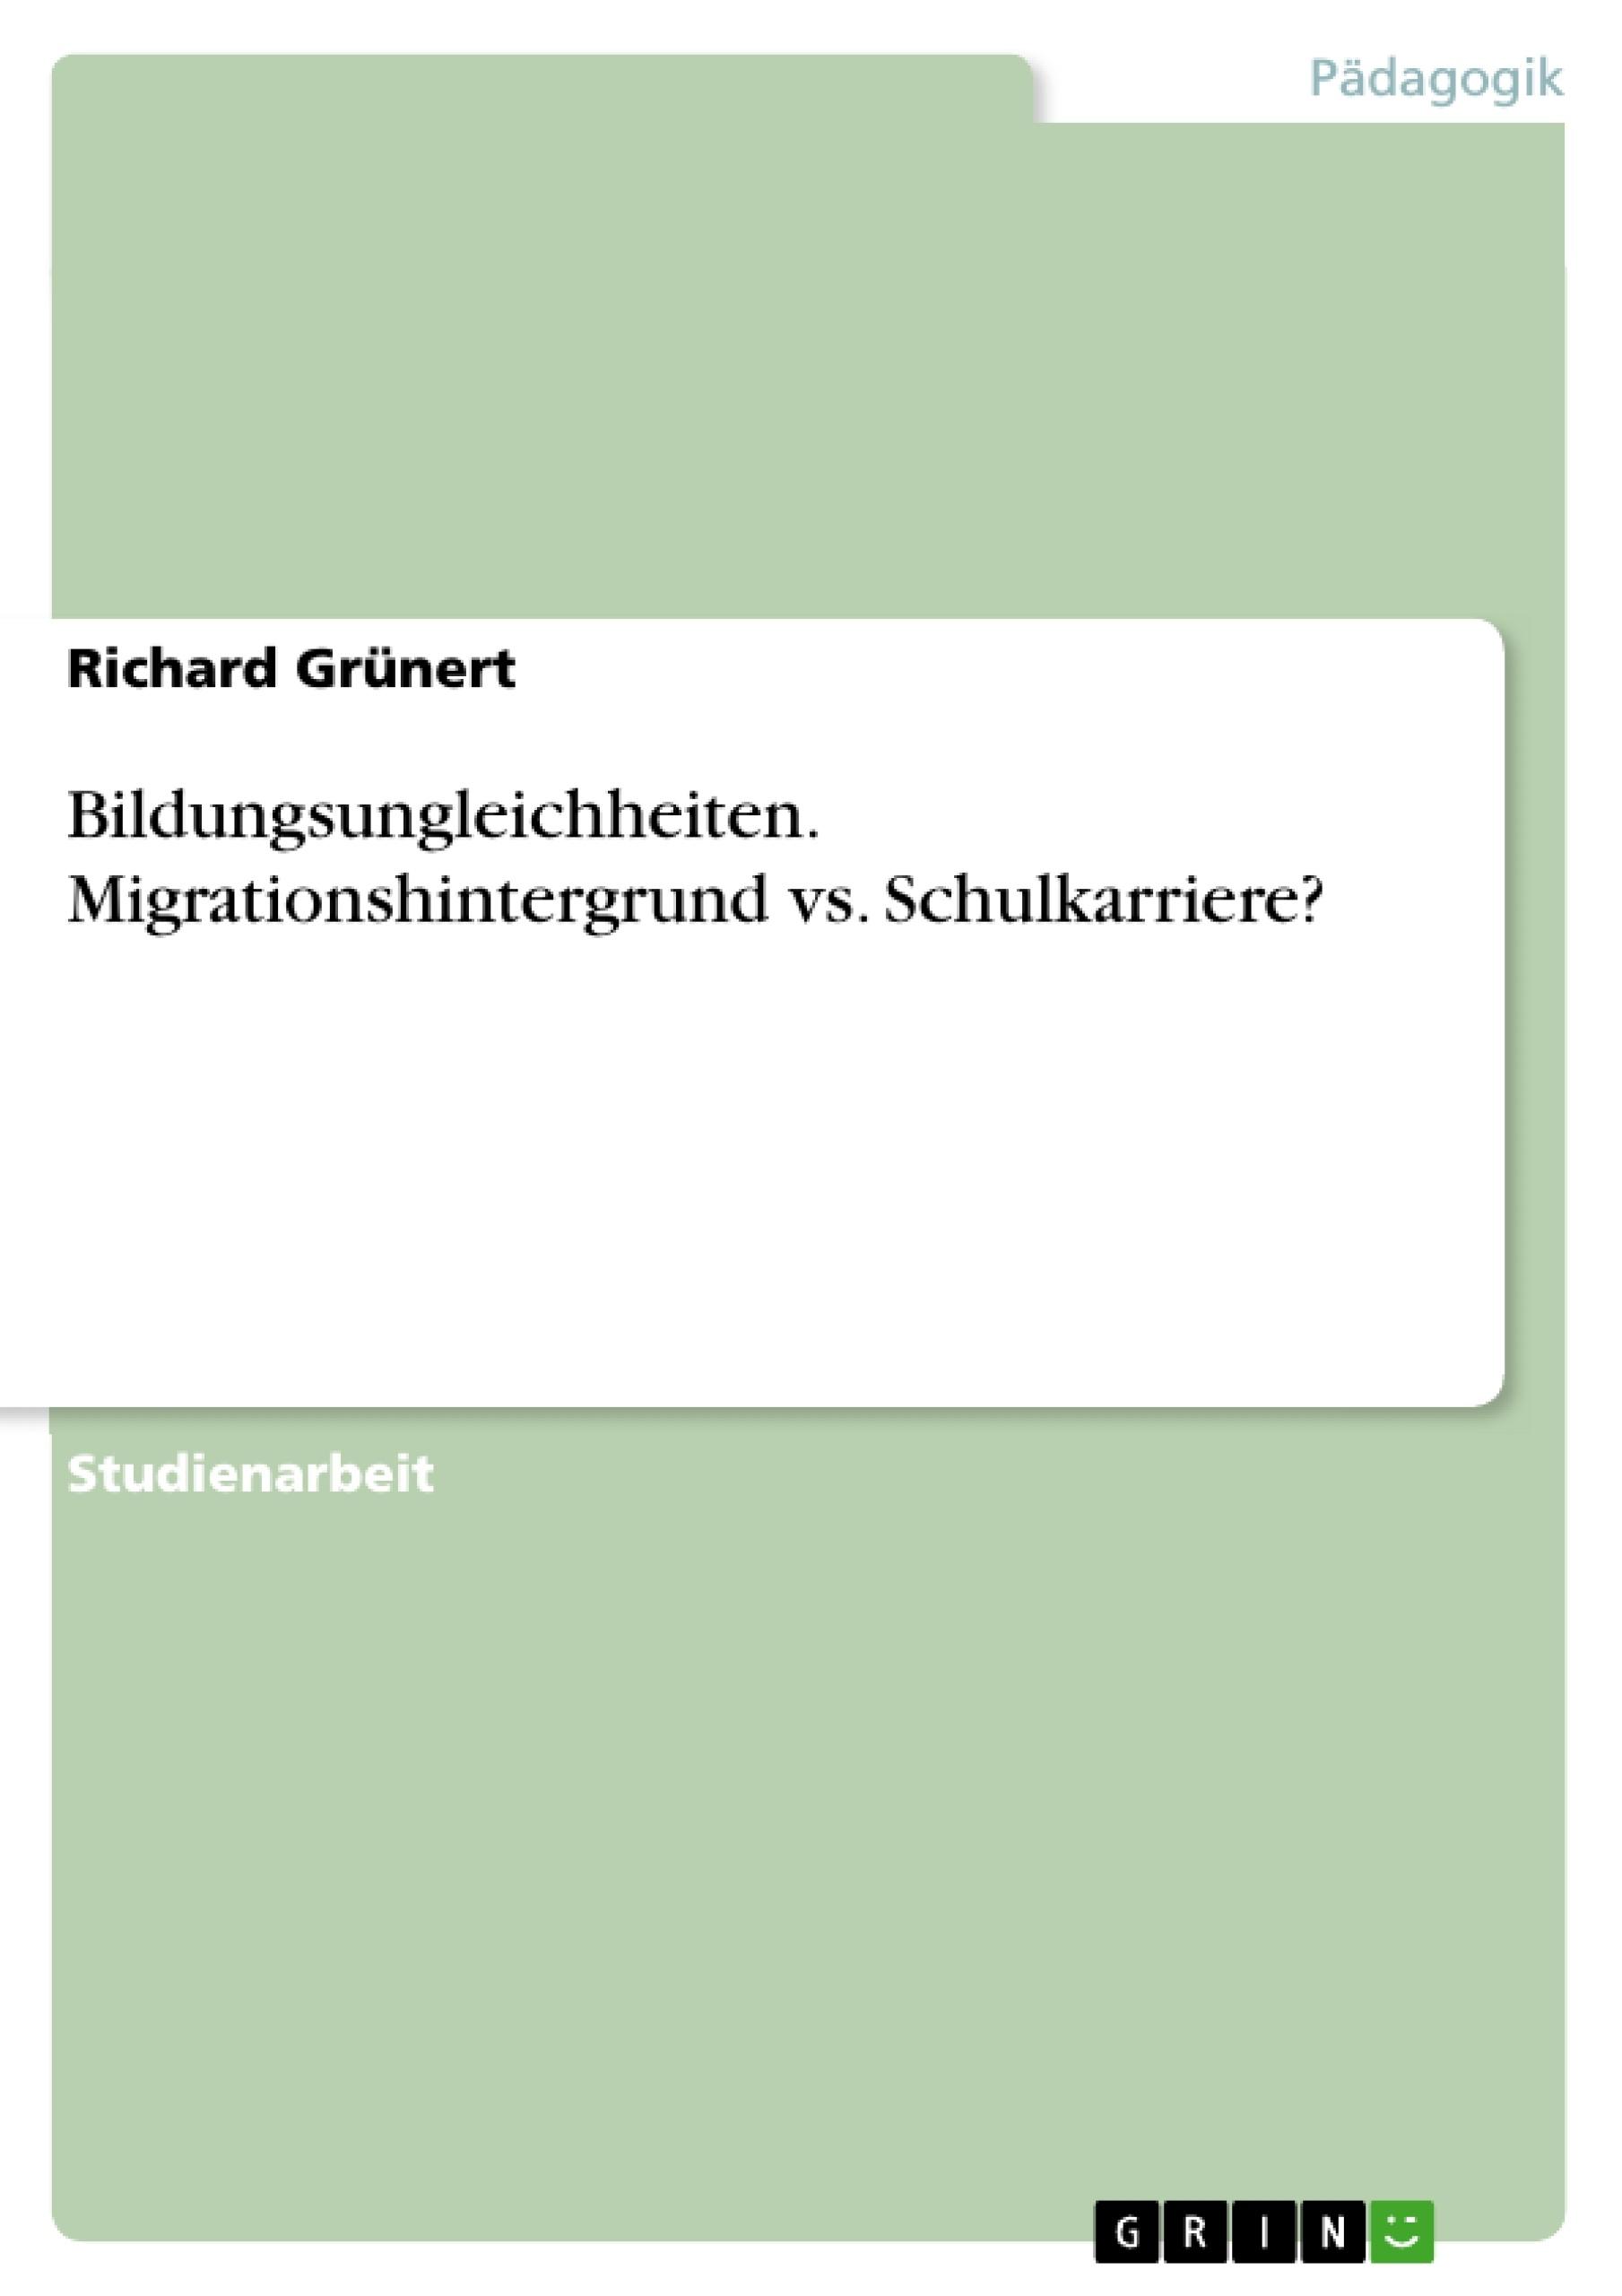 Titel: Bildungsungleichheiten. Migrationshintergrund vs. Schulkarriere?